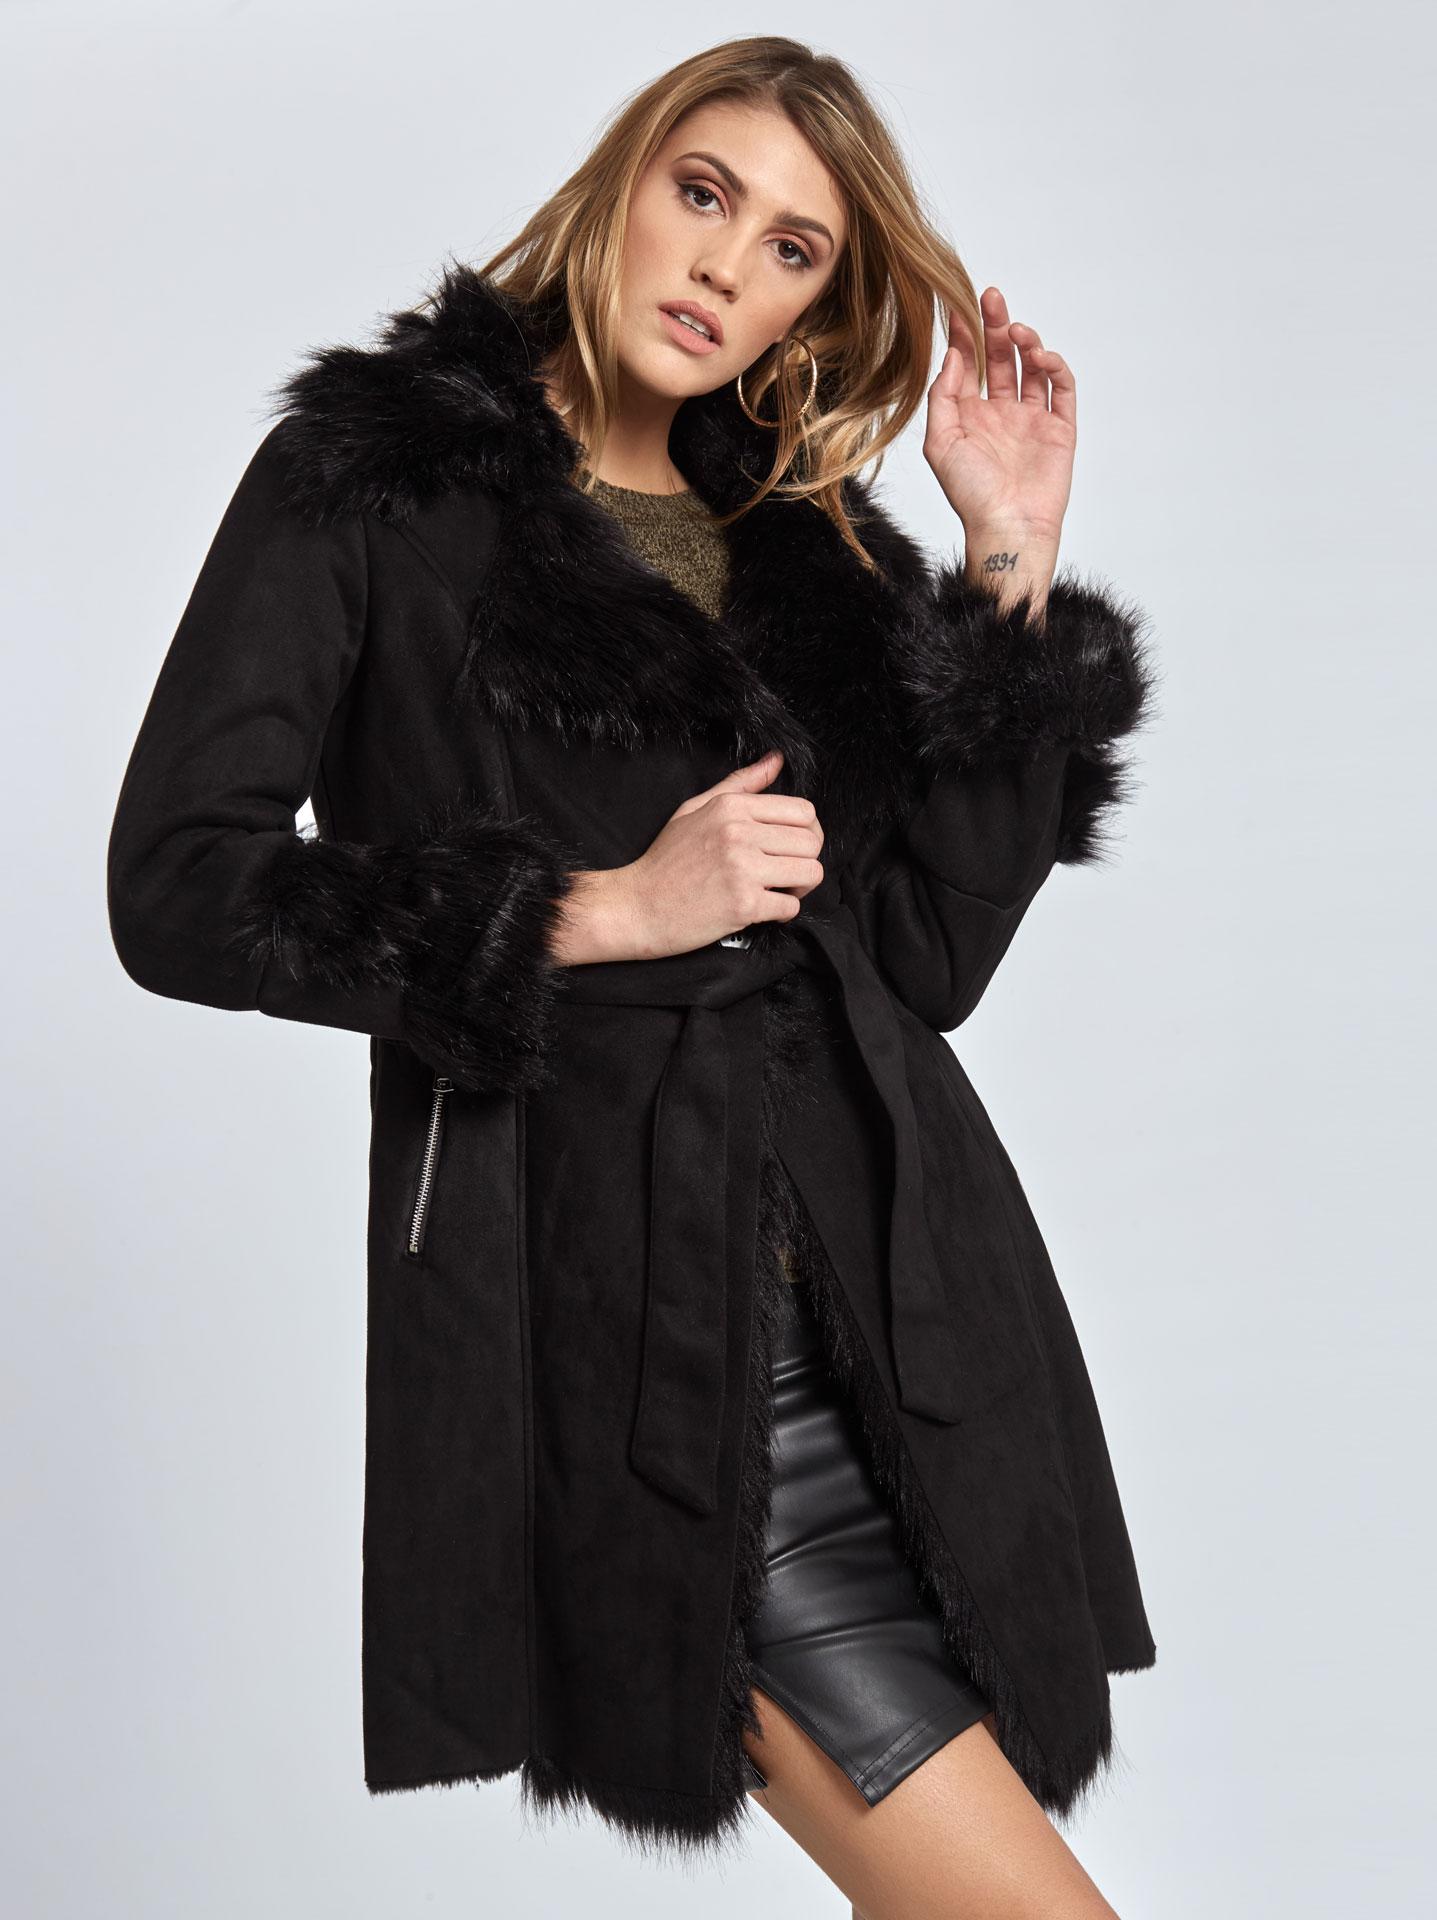 Παλτό με λεπτομέρειες συνθετικής γούνας σε μαυρο 1ec3b5190c4